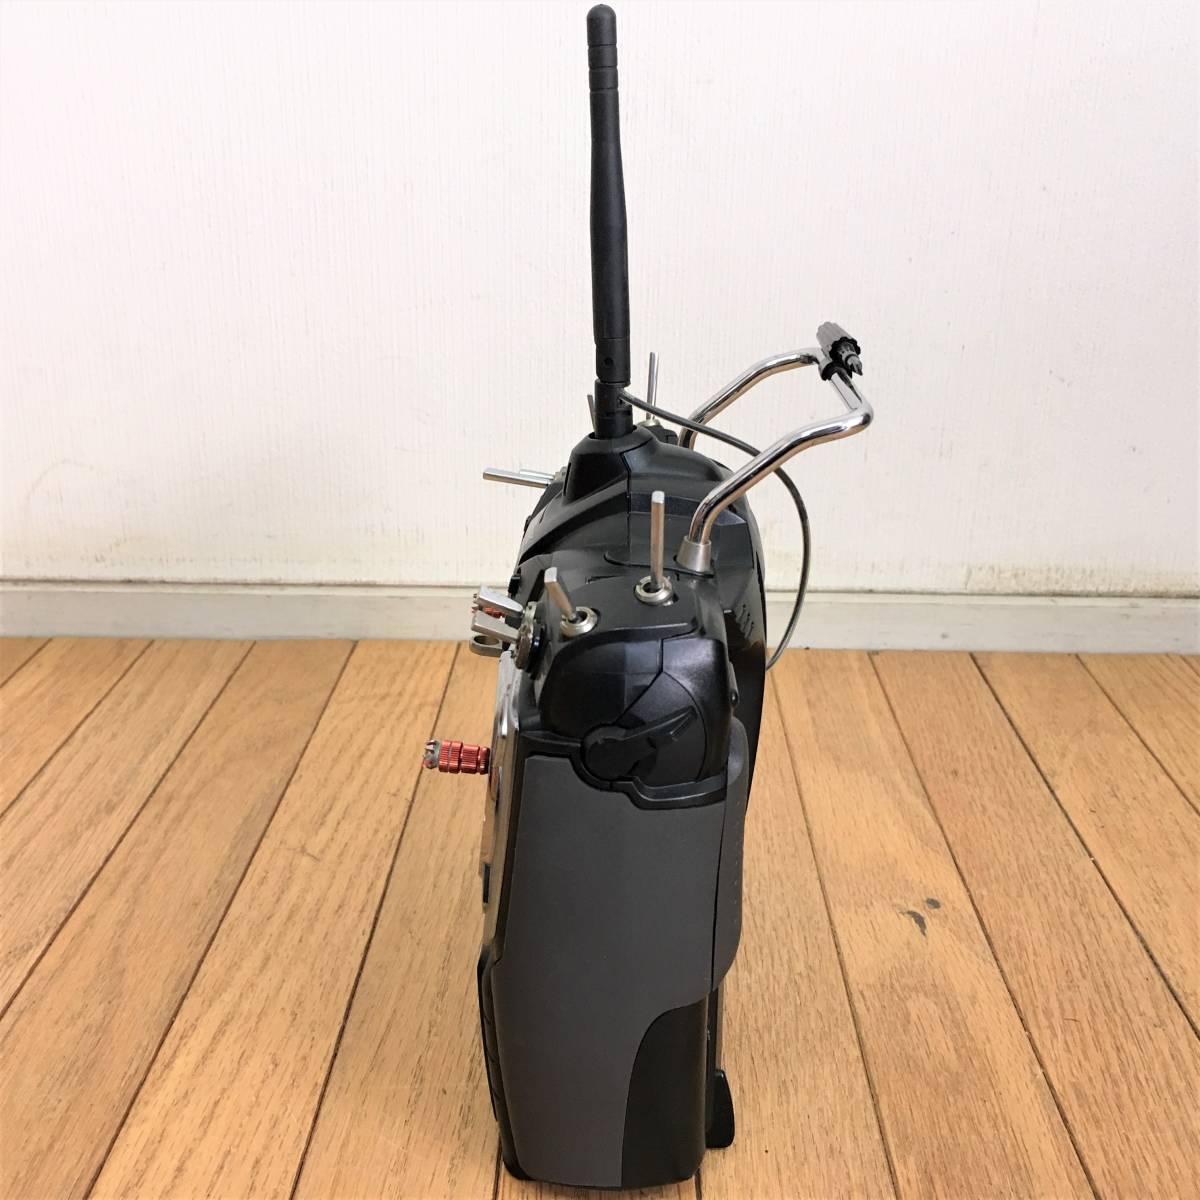 ハイテック/プロポ/AURORA9/ジャンク/HITEC/オーロラ9/2.4GHz/送信機/ラジコン/玩具_画像4